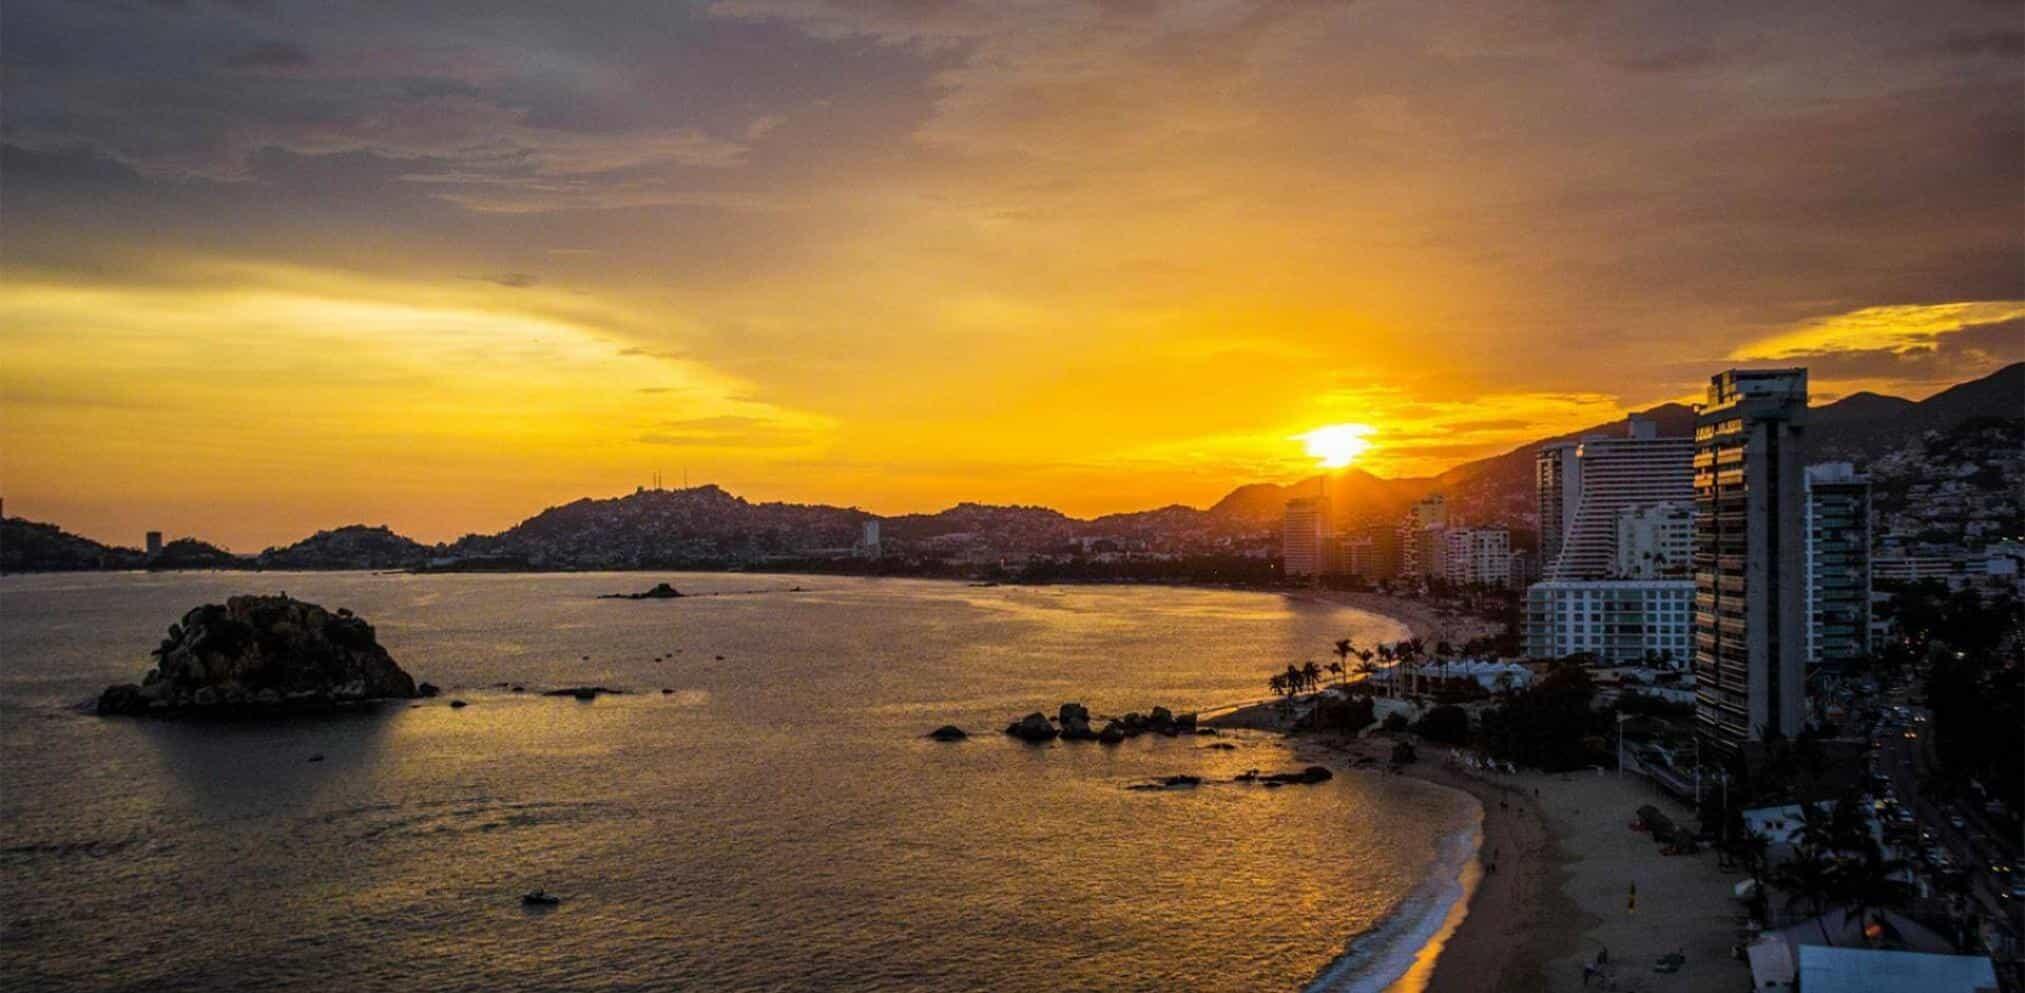 Sunset in Acapulco.